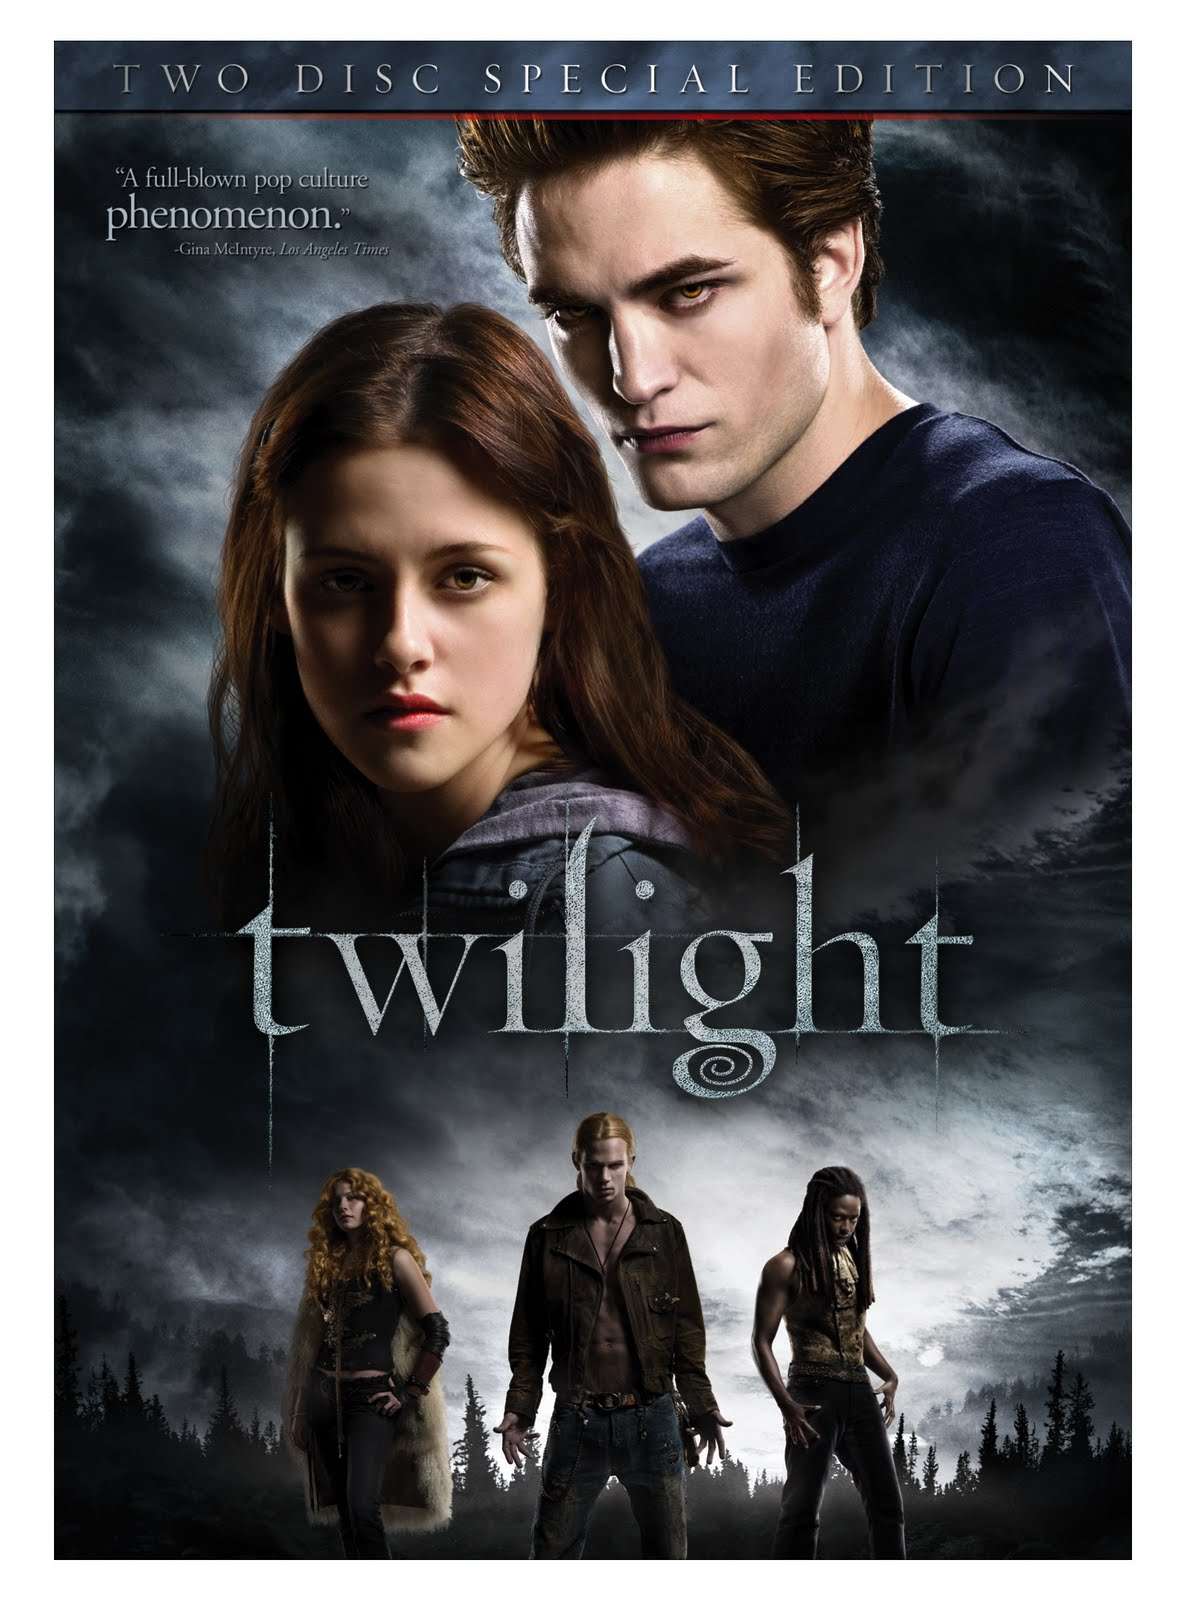 http://4.bp.blogspot.com/_yd-kkne341c/TDJY8w4YEhI/AAAAAAAAAHQ/MZ19Wv9VLPk/s1600/twilight.jpg